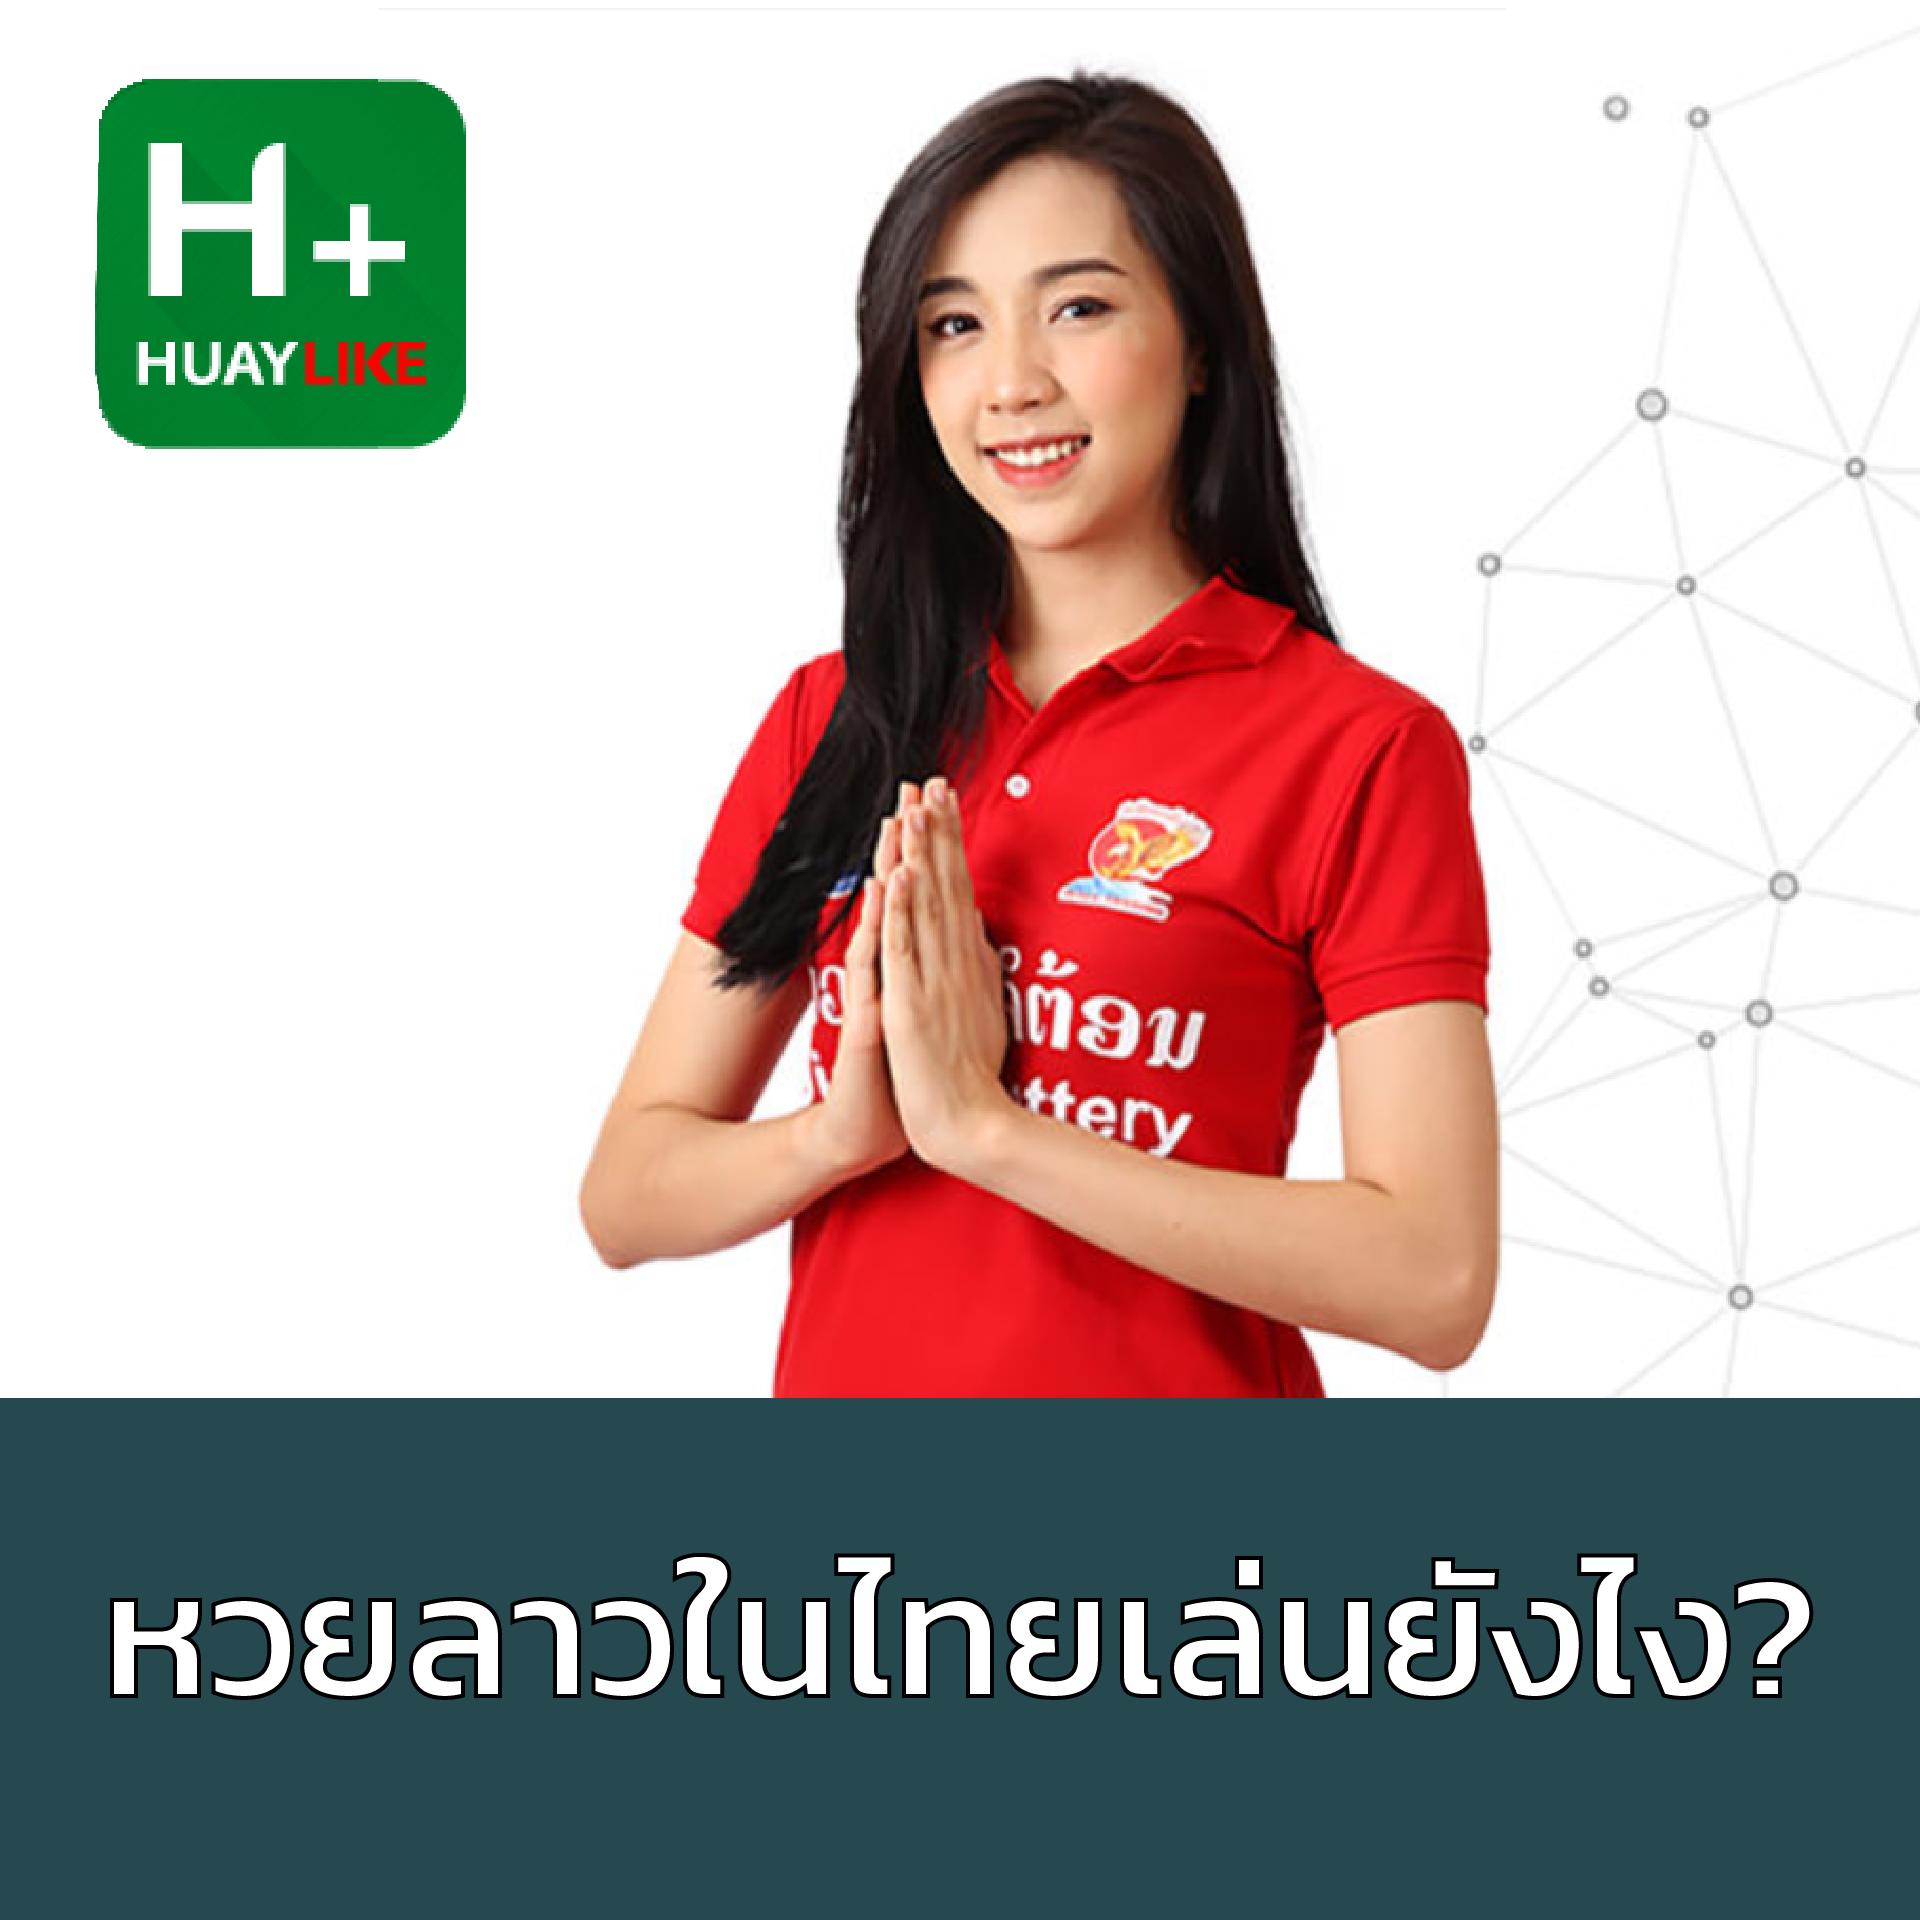 หวยลาว ในไทยเล่นยังไง?